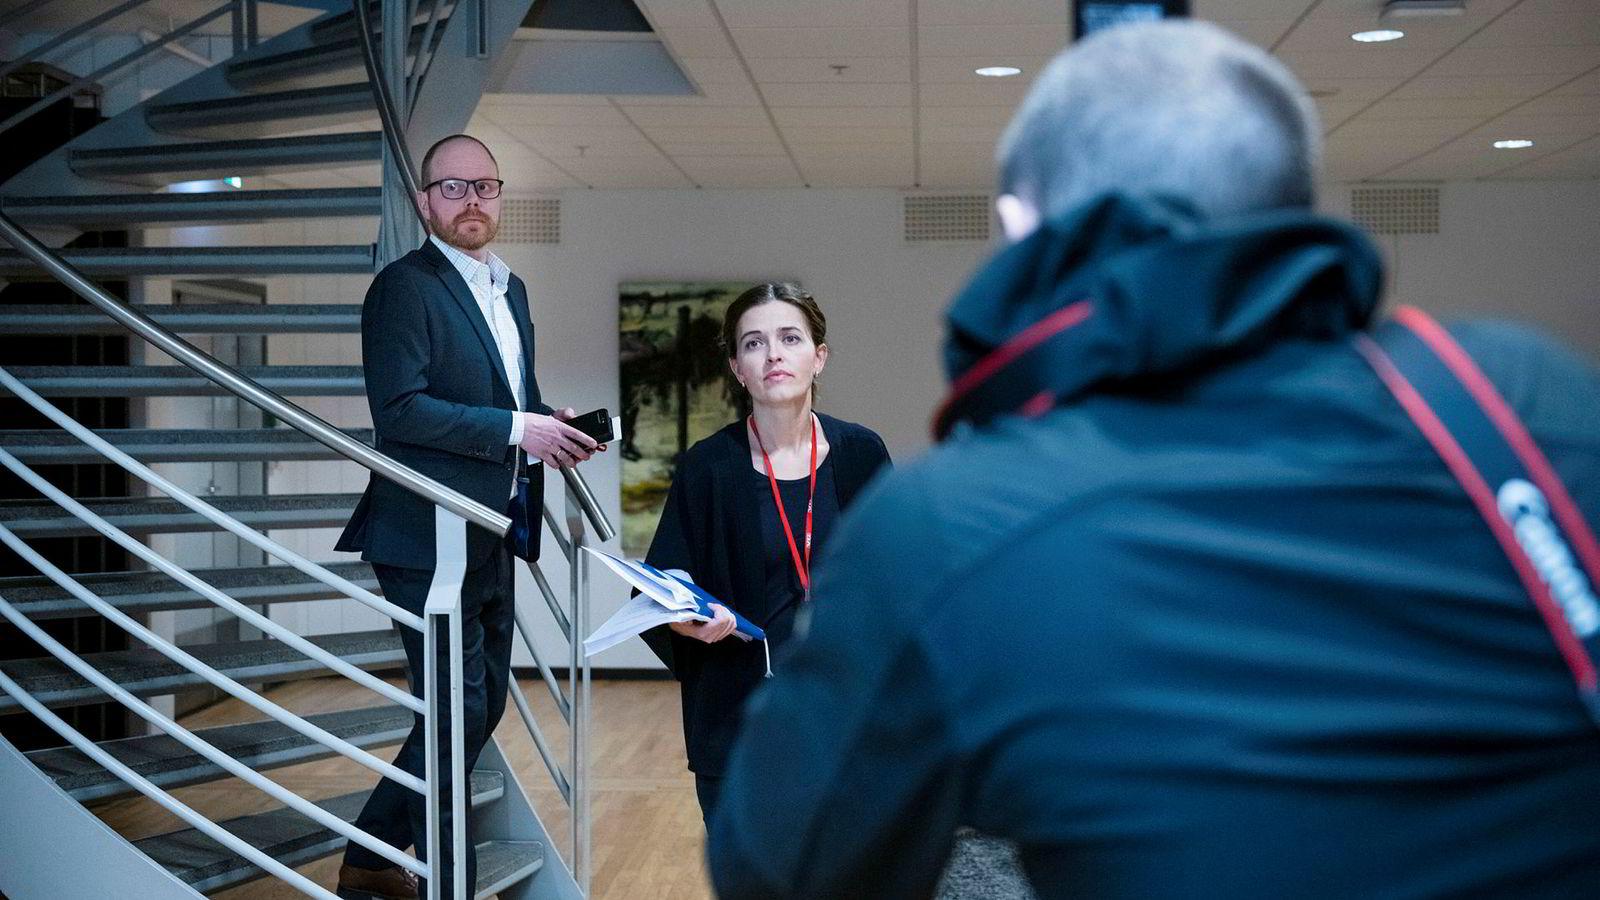 VG-redaktør Gard Steiro og nyhetsredaktør Tora Bakke Håndlykken på VGs pressekonferanse om den mye omtalte Bar Vulkan-saken.